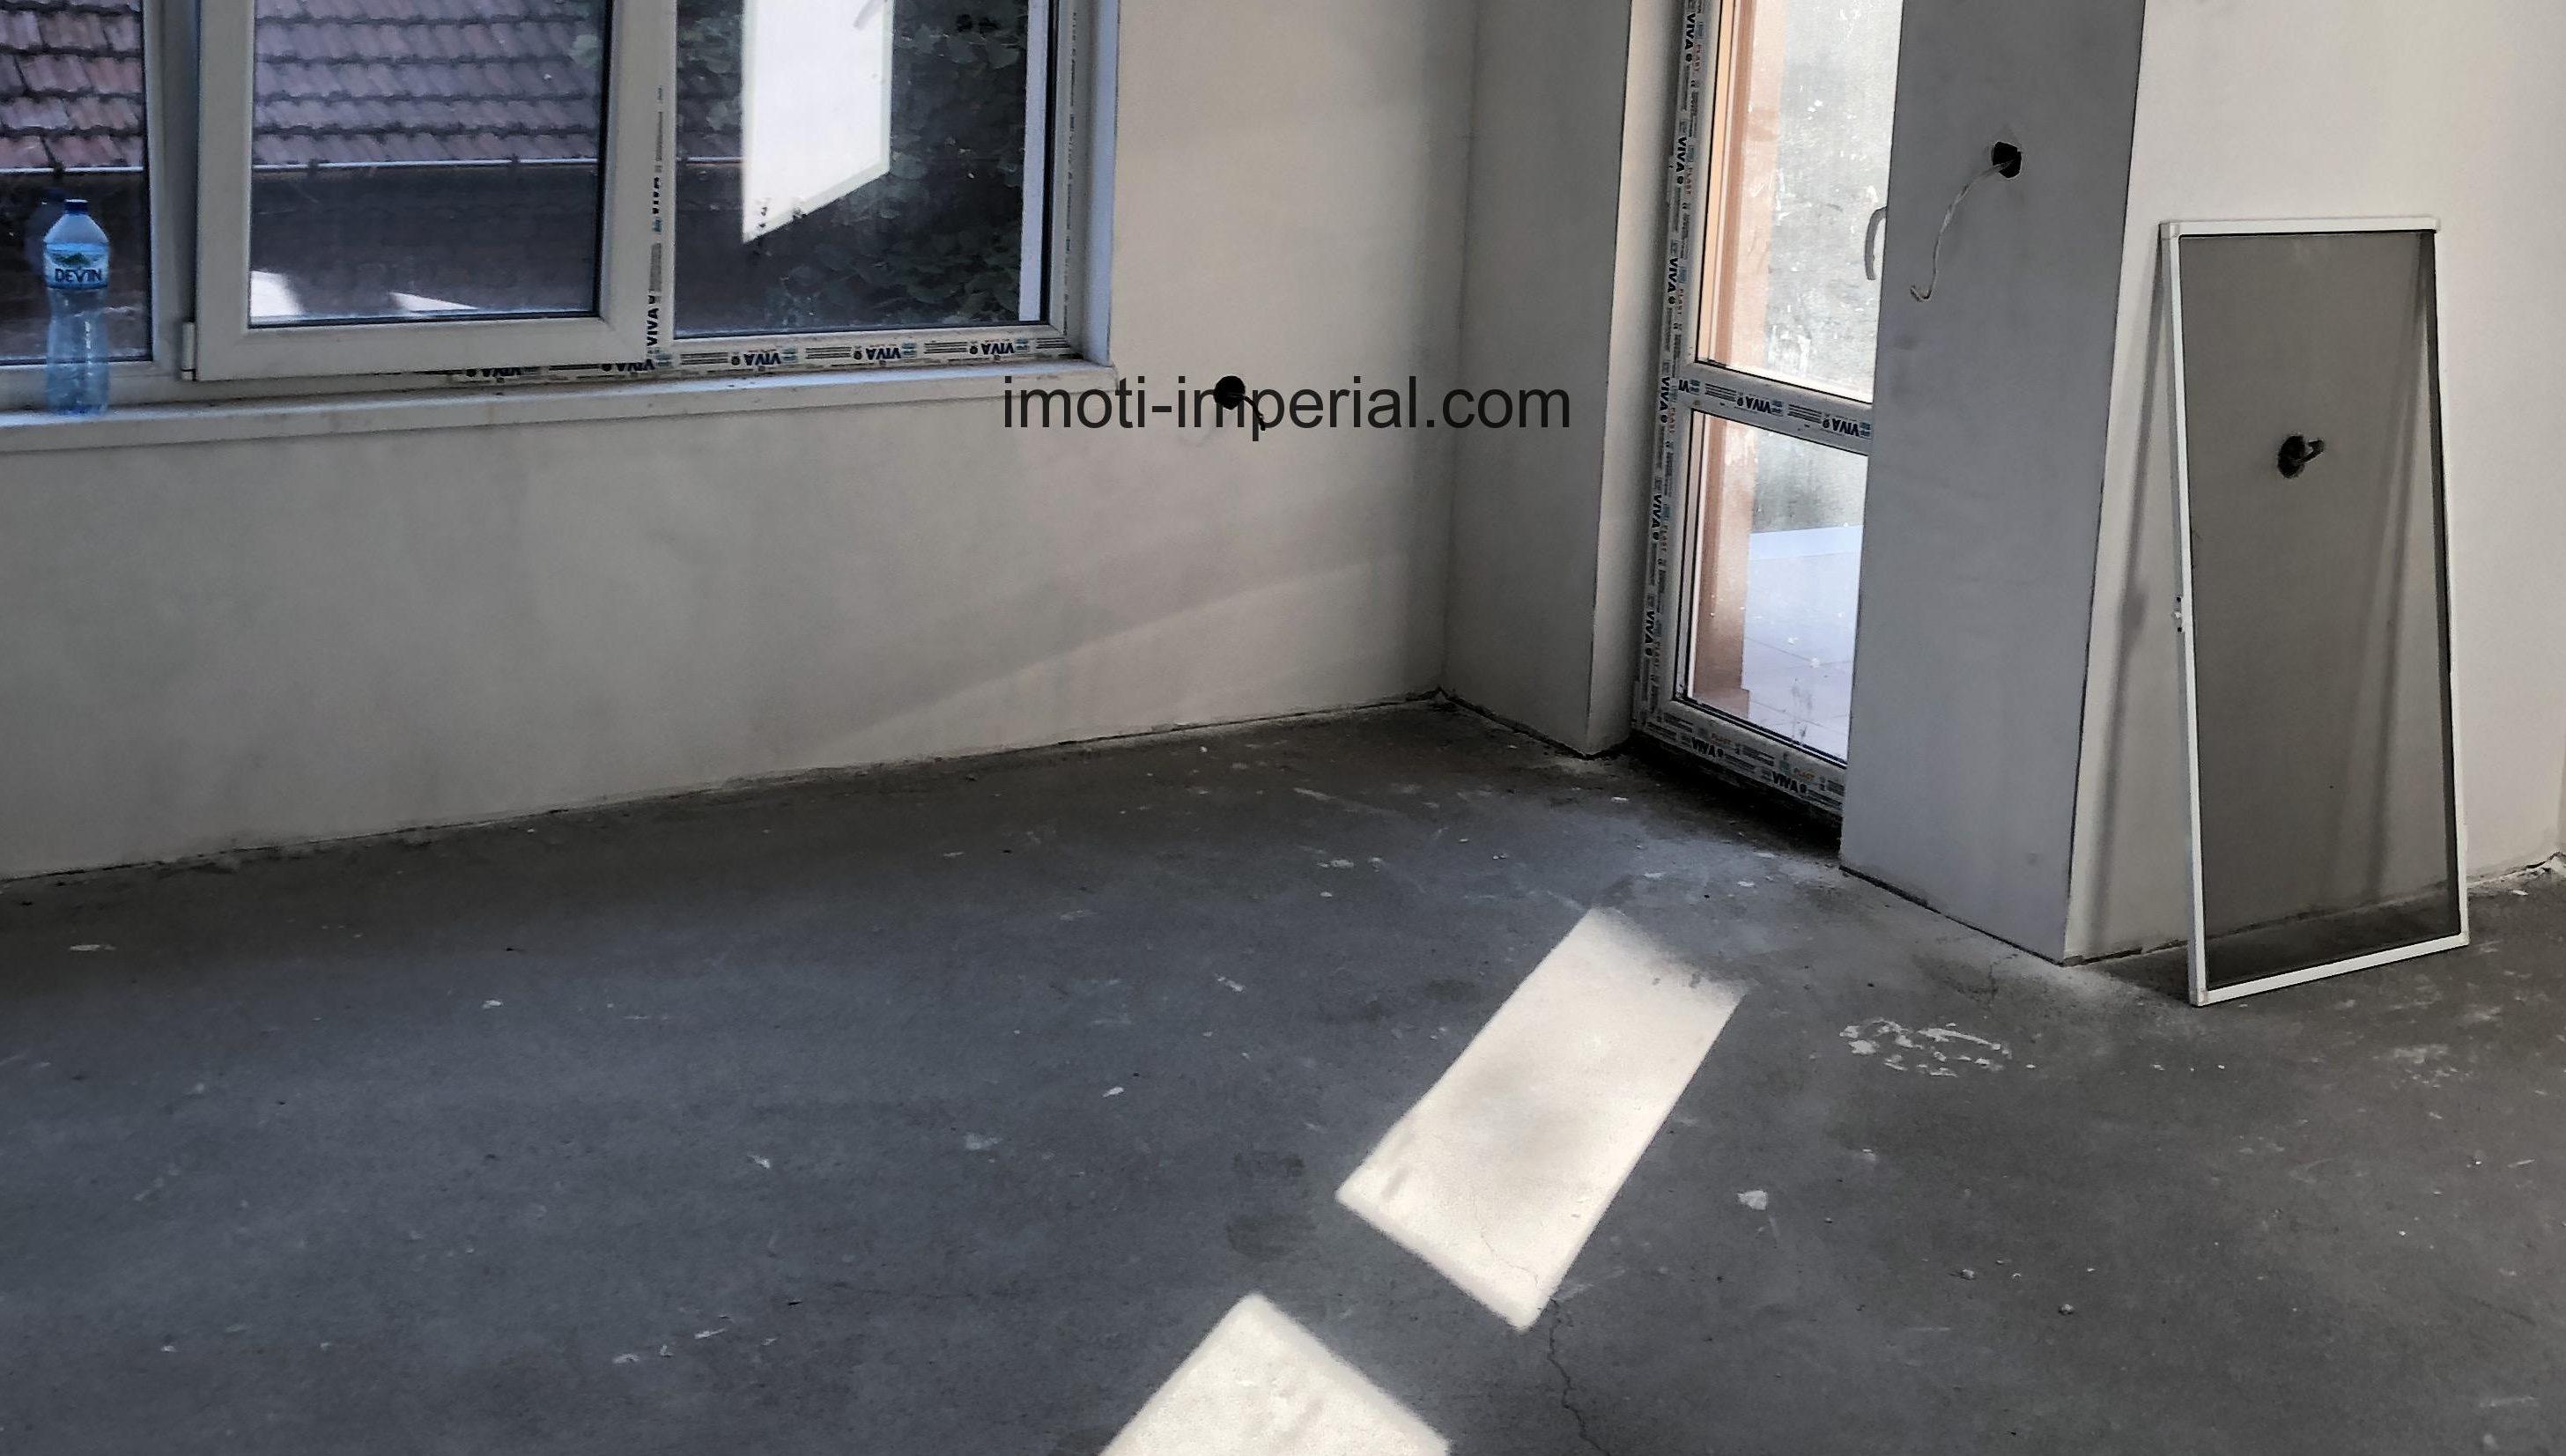 Апартаменти, ново строителство в идеален център на град Хасково